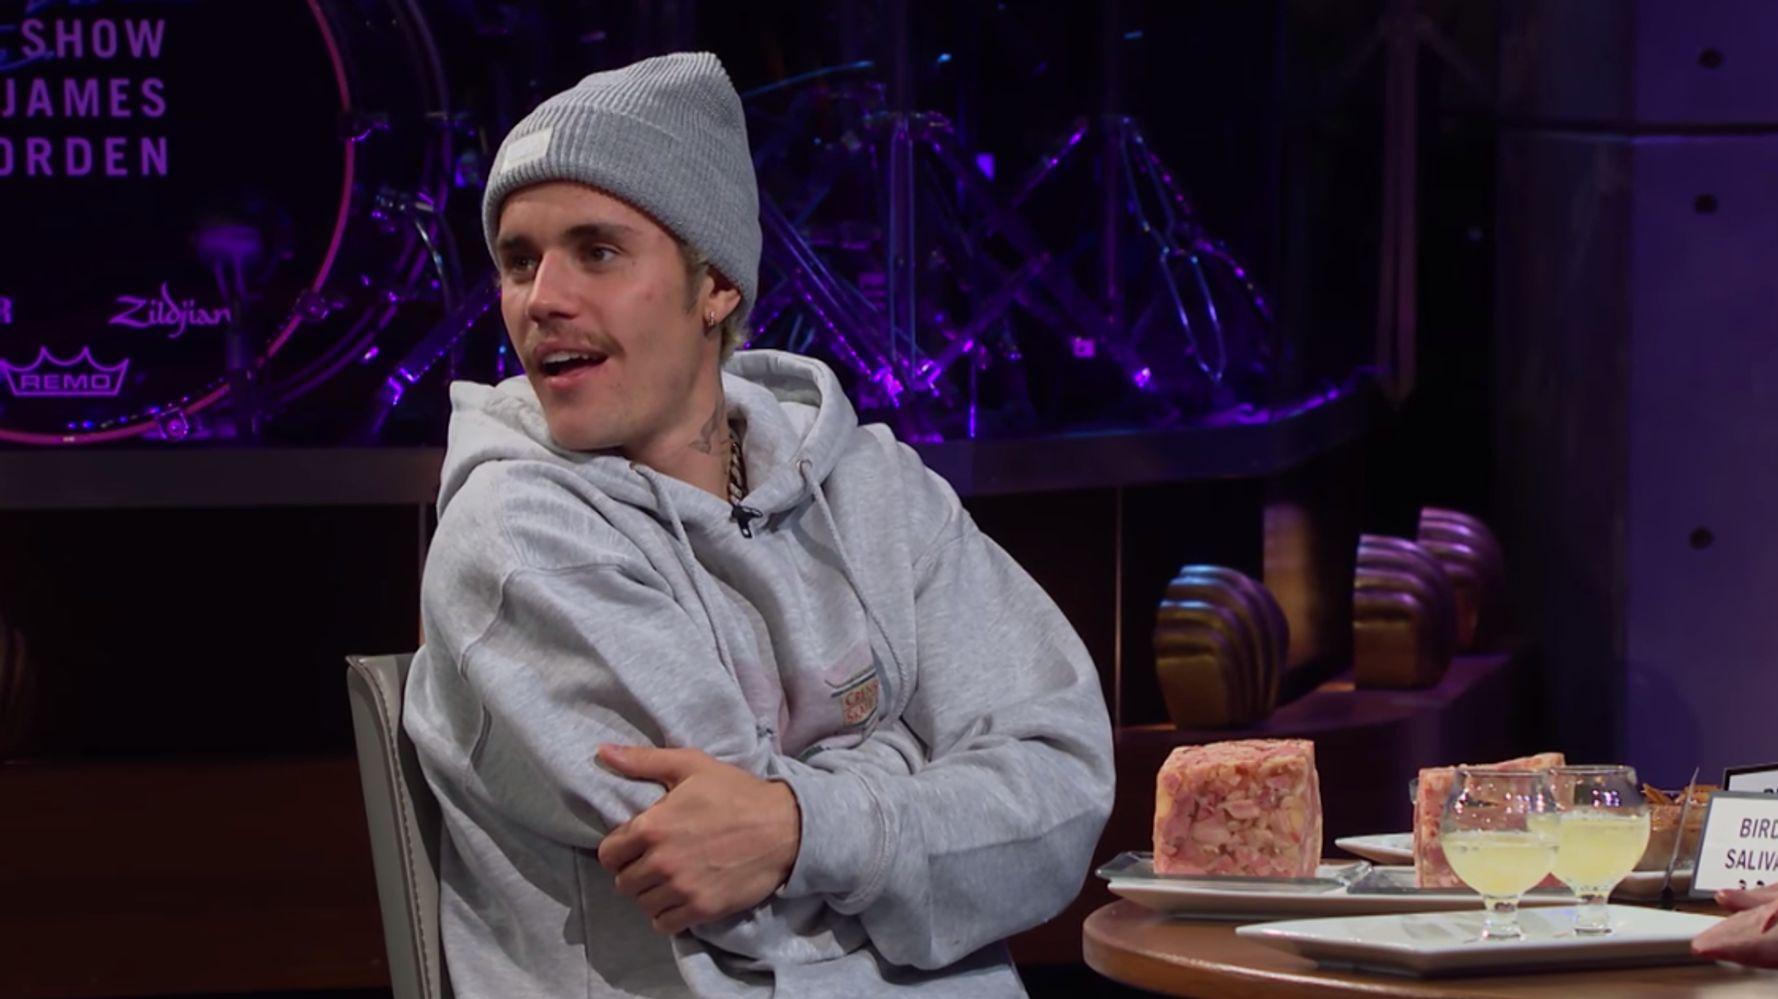 Cara Delevingne Drags Justin Bieber After James Corden Appearance: 'Unblock Me'